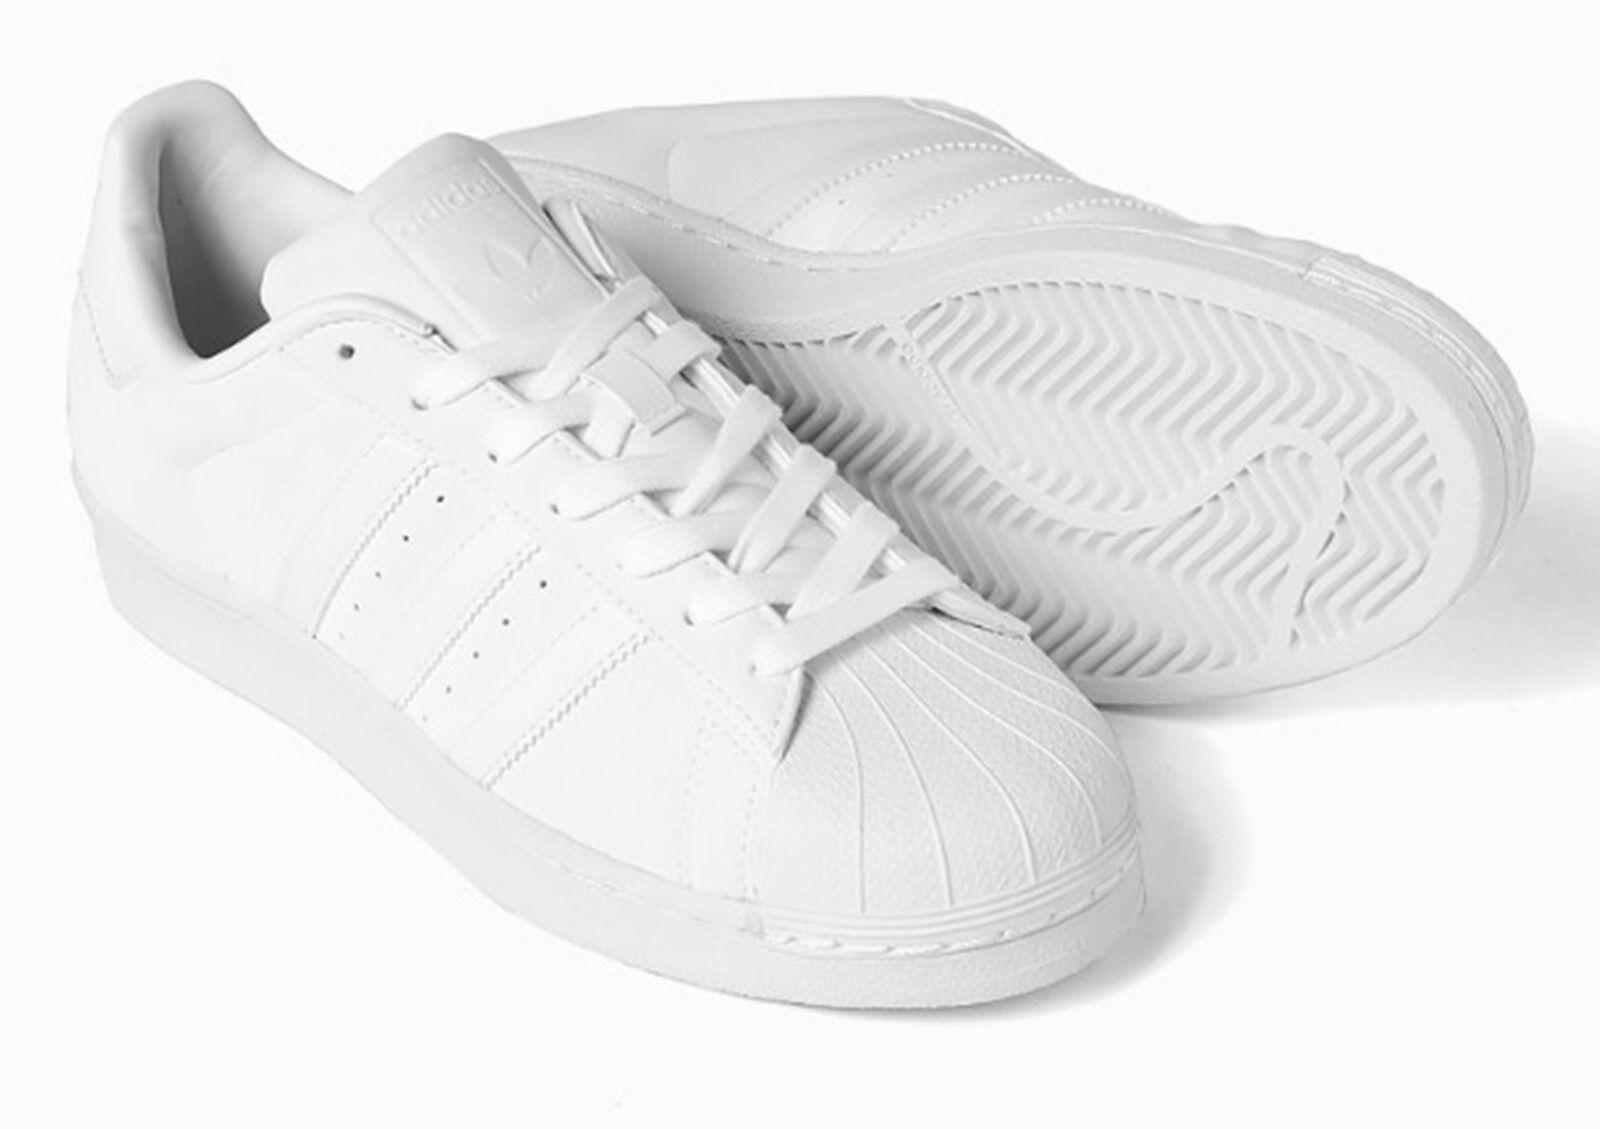 Zapatos De Entrenamiento Adidas Mujer súperEstrella Zapatillas Gimnasio Zapato de correr blancoo BY9175